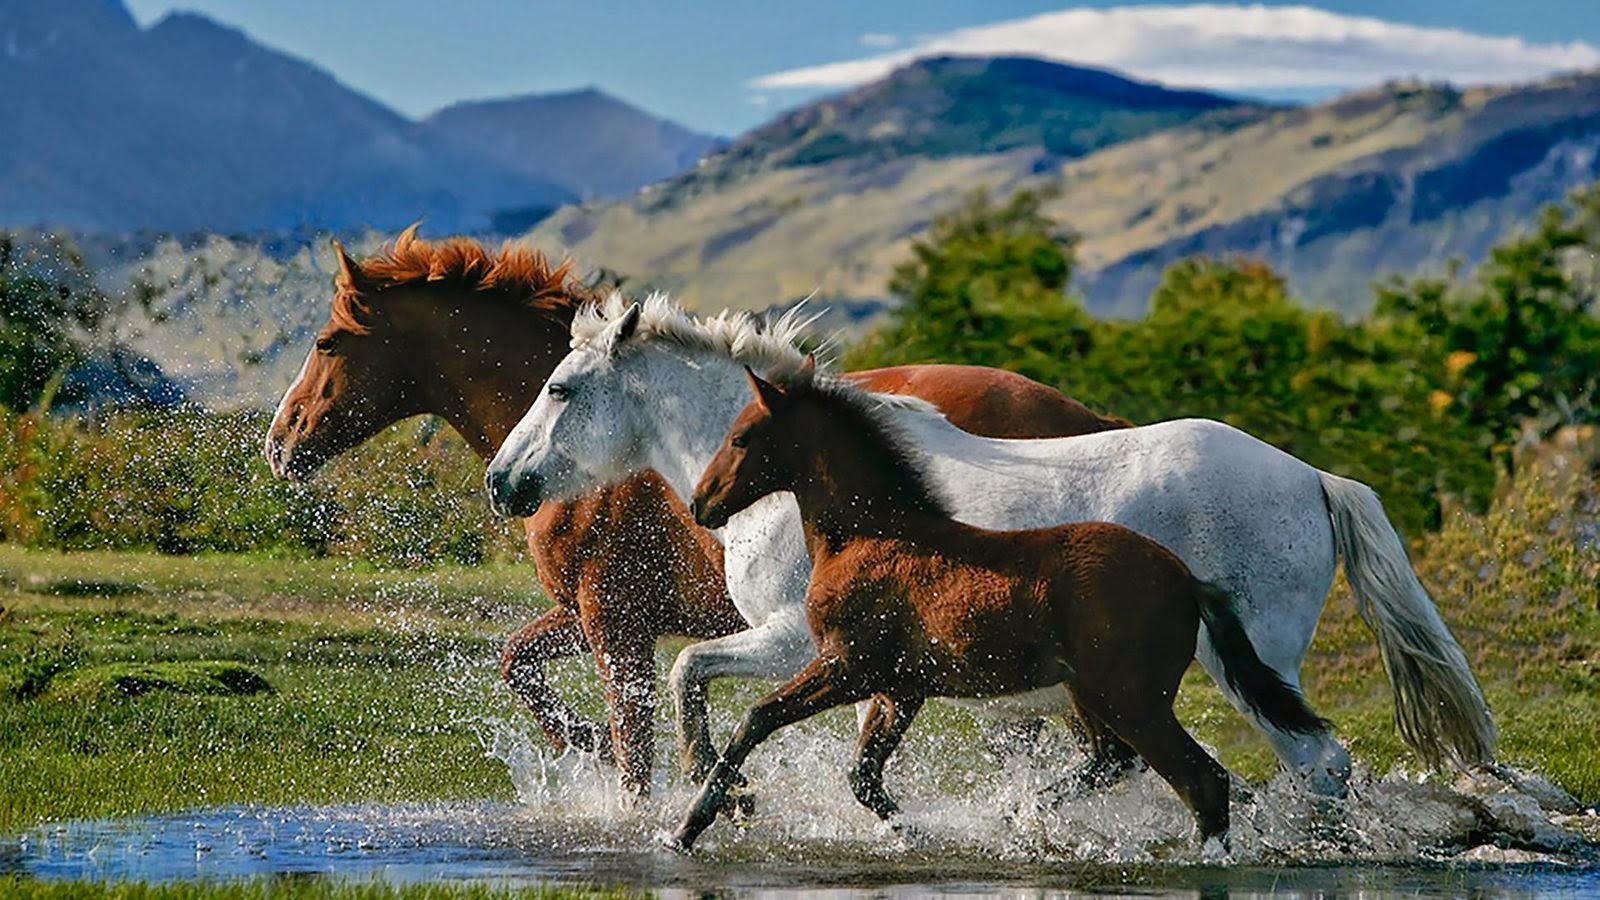 Papel De Parede De Cavalo Para Quarto -> Fts De Cavalo Rm Adesivo Pra Quarto